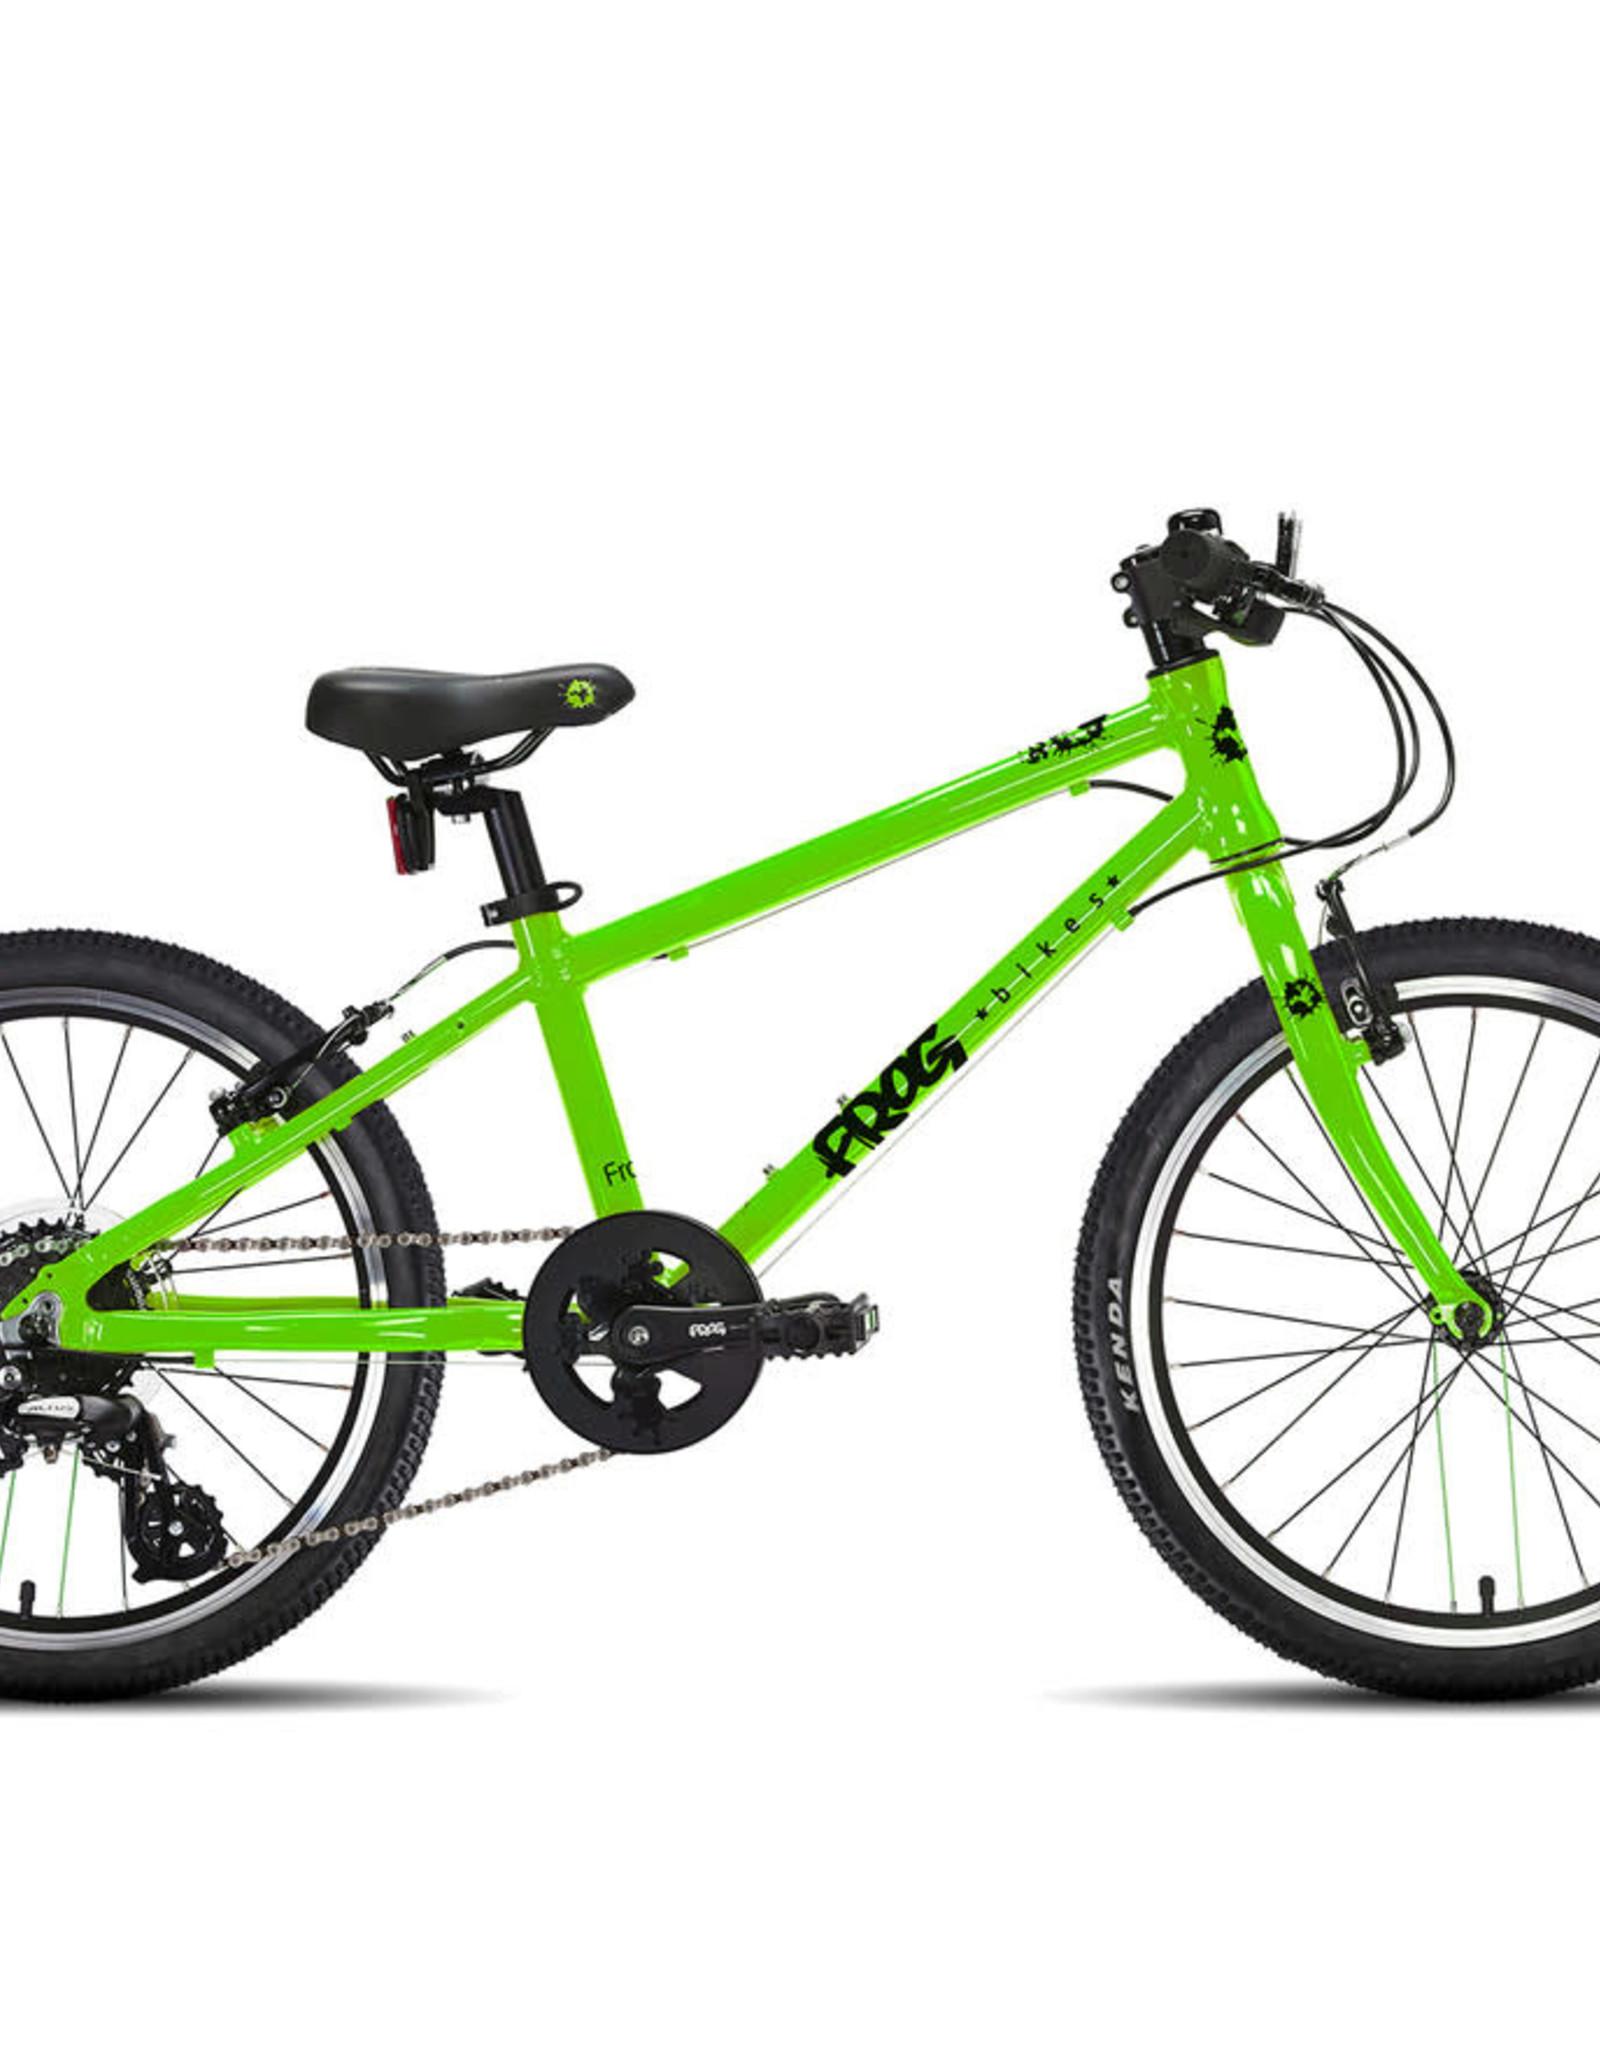 FROG Frog bike 55